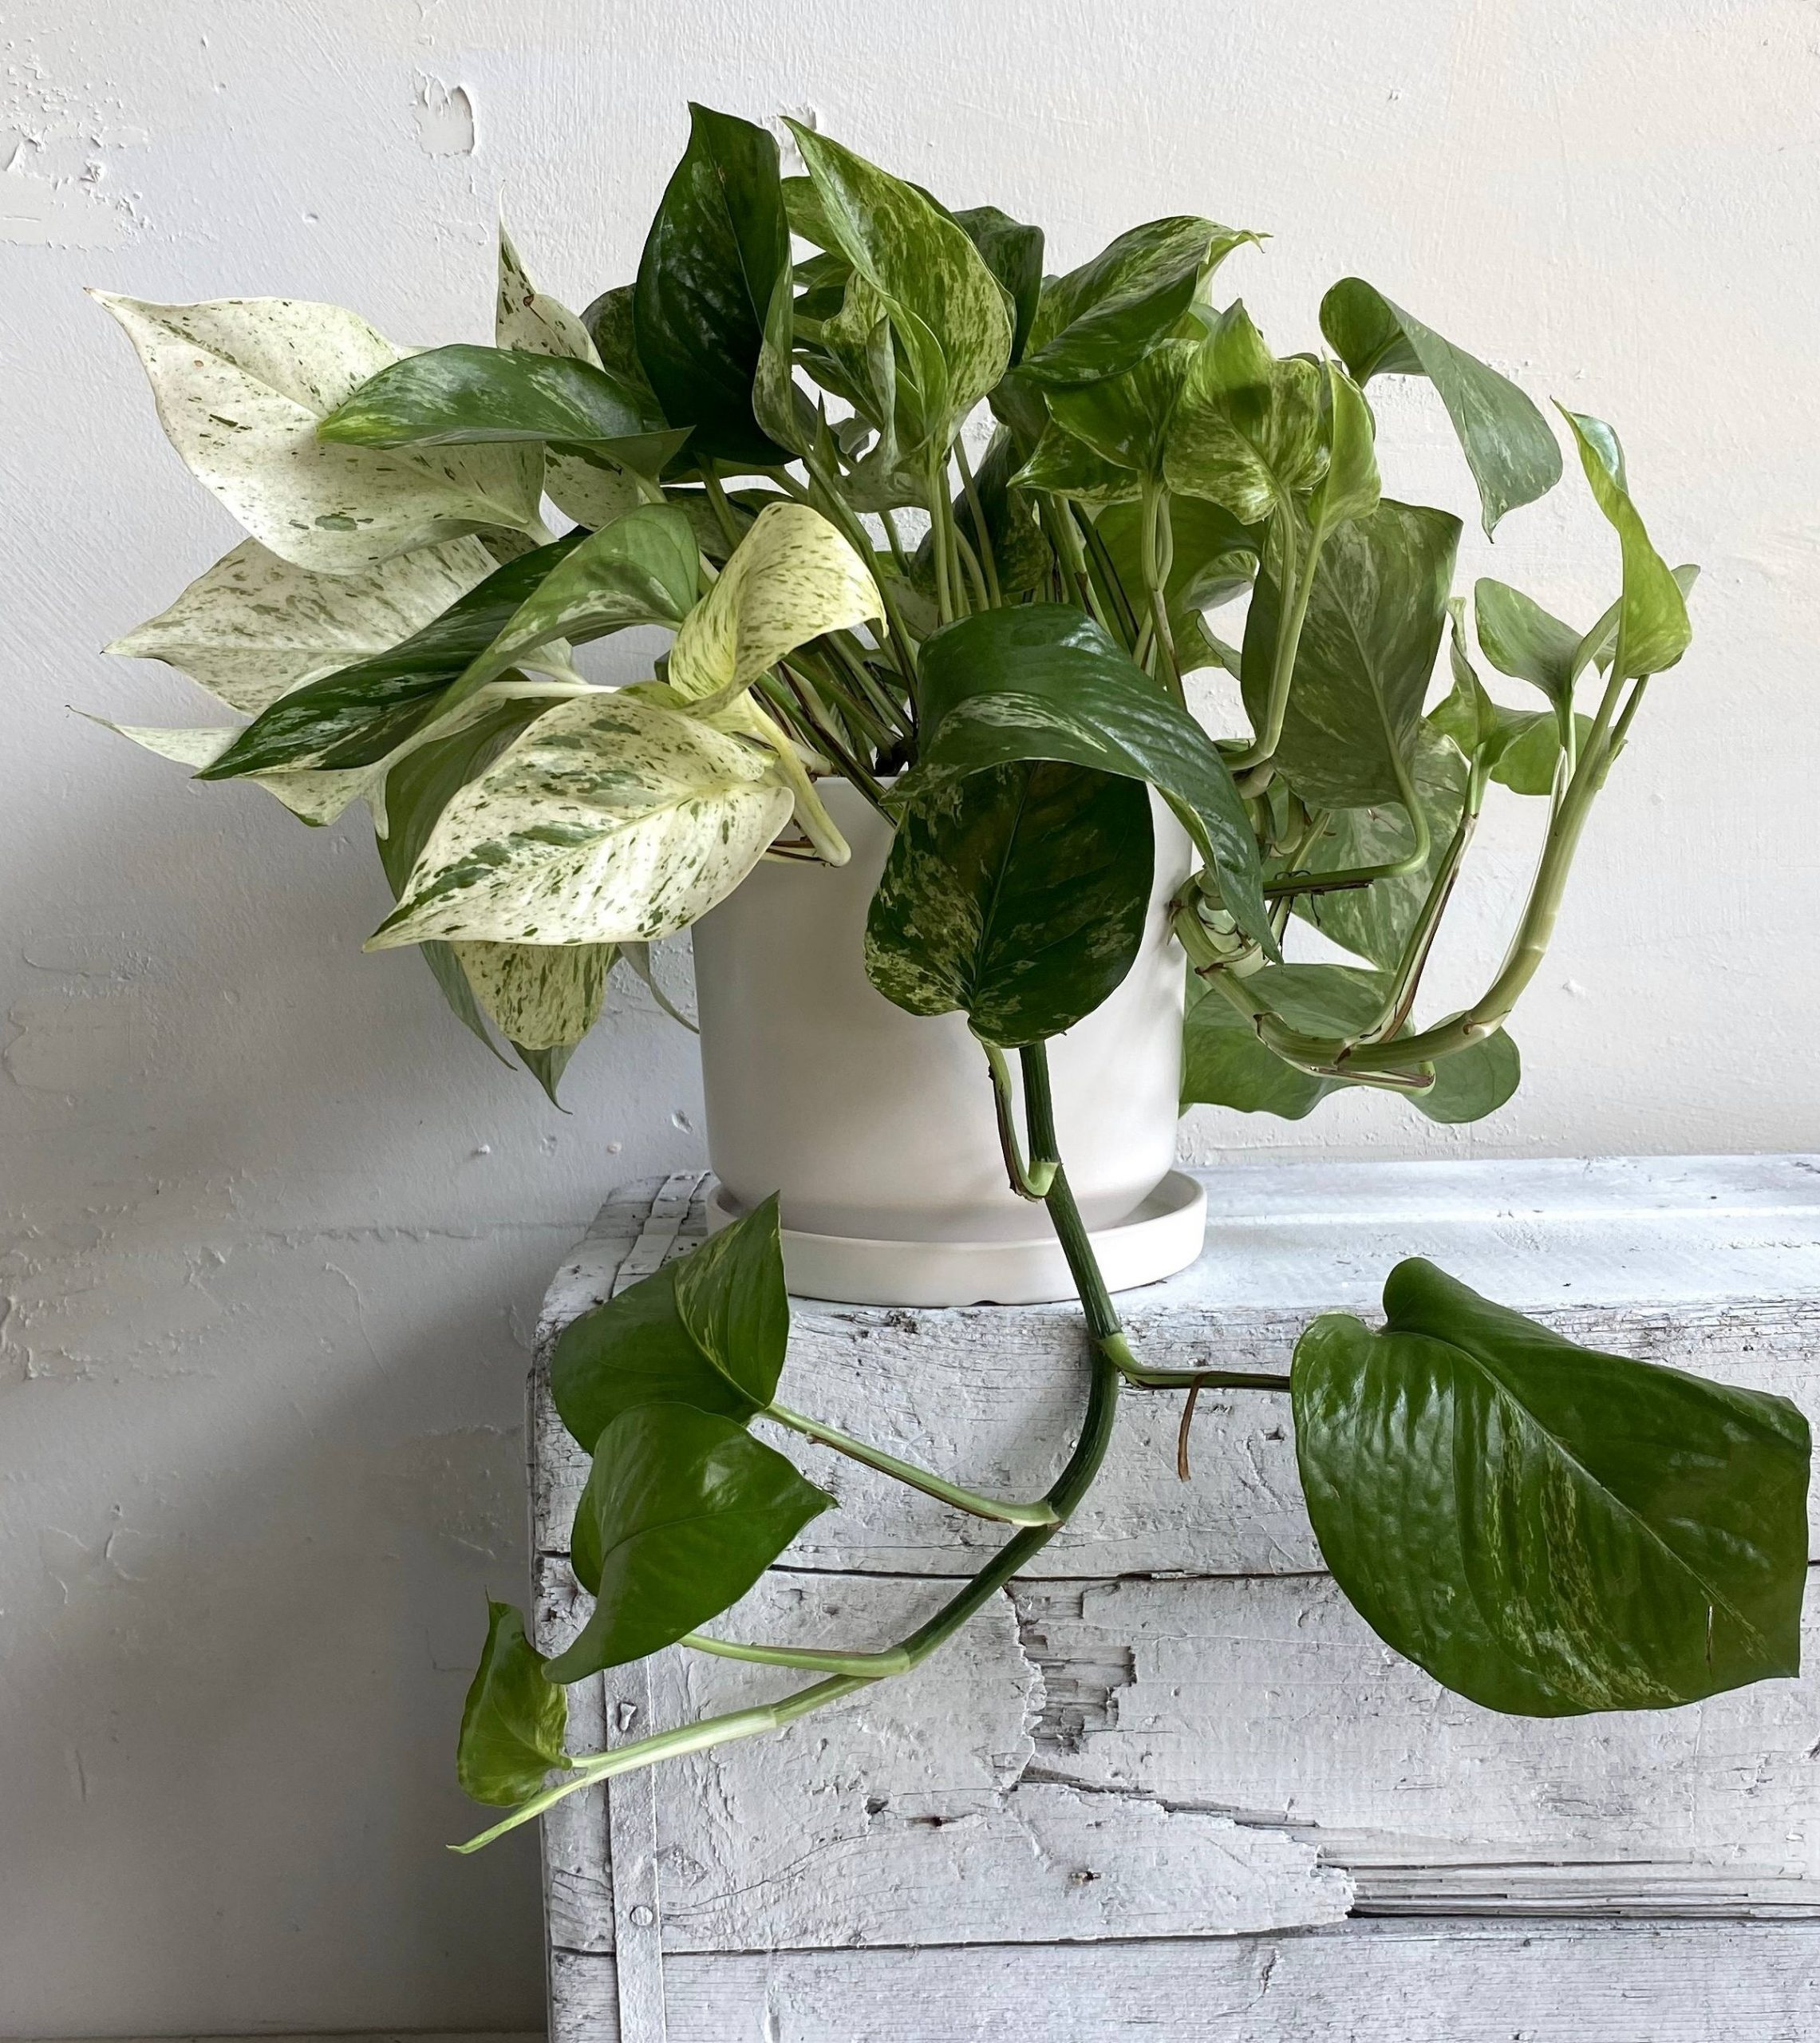 צמח נשפך לבית ולמשרד לגידול בתנאיי חושך פוטוס שייש עשיר ועמיד במיוחד